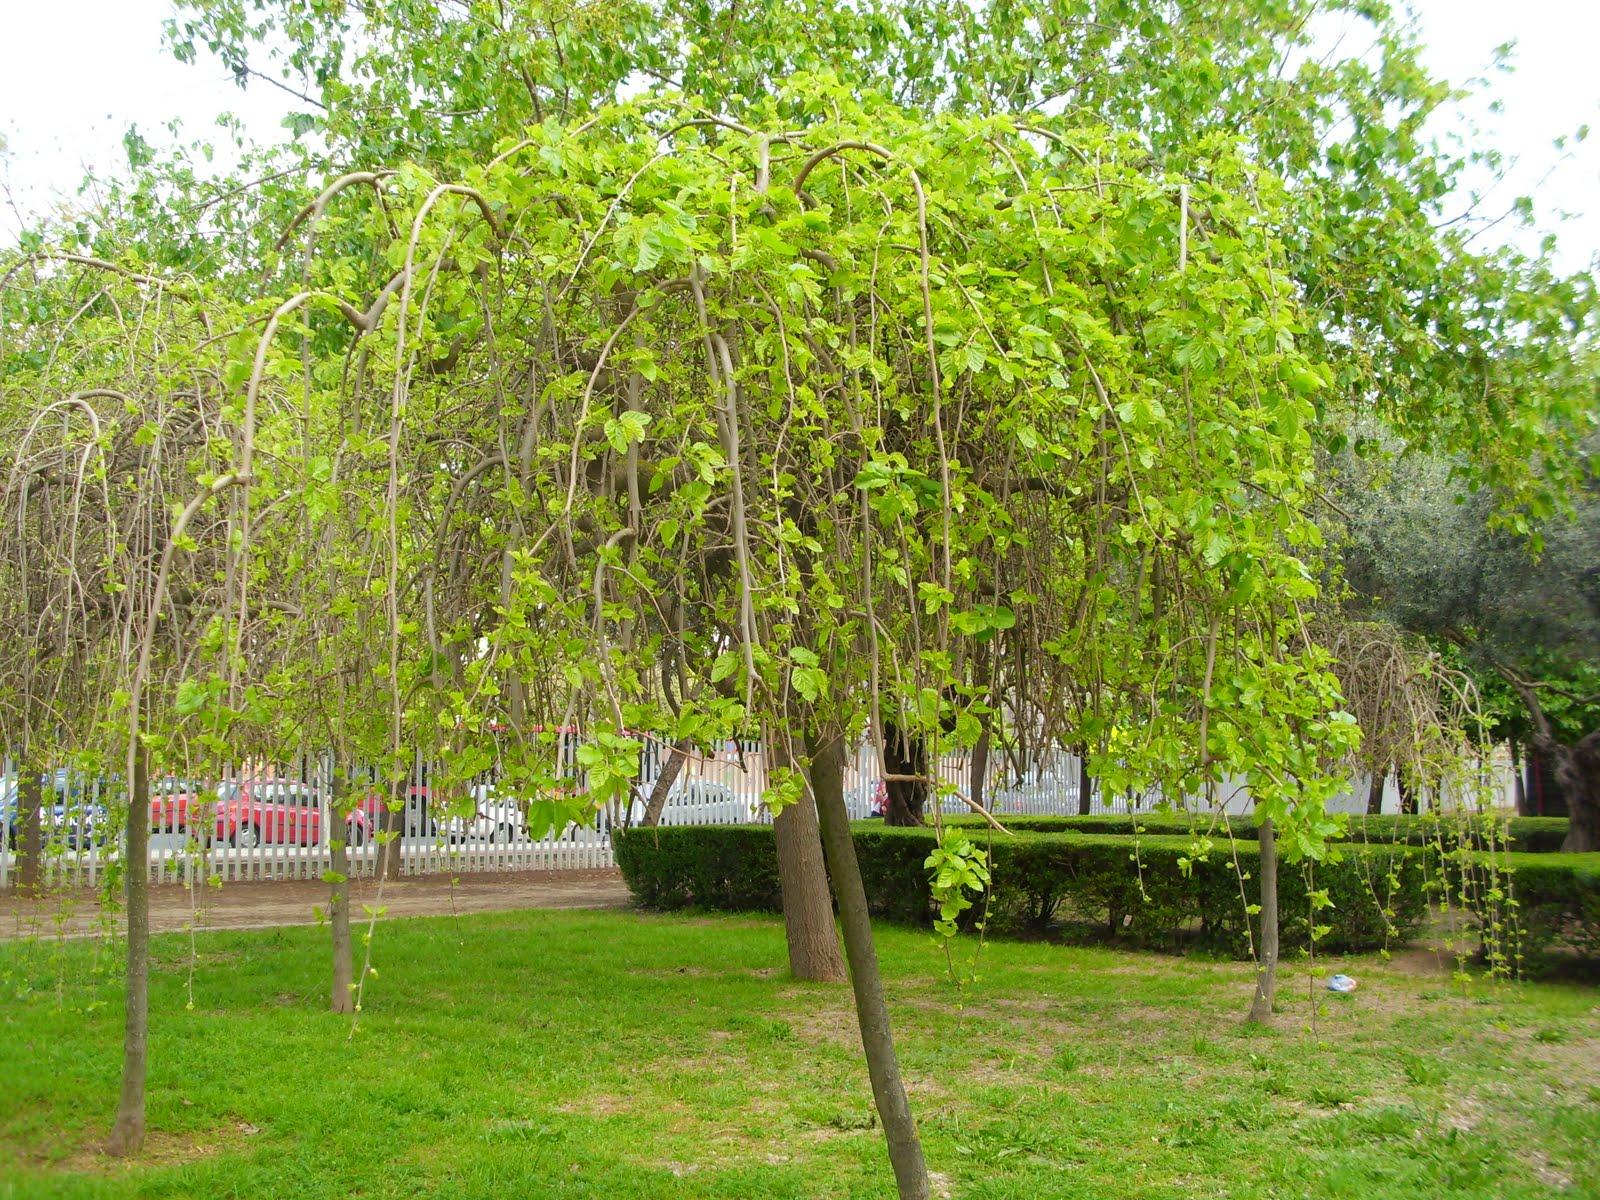 Naturaleza verde del legolas arboles de sombra for Arboles sombra jardin